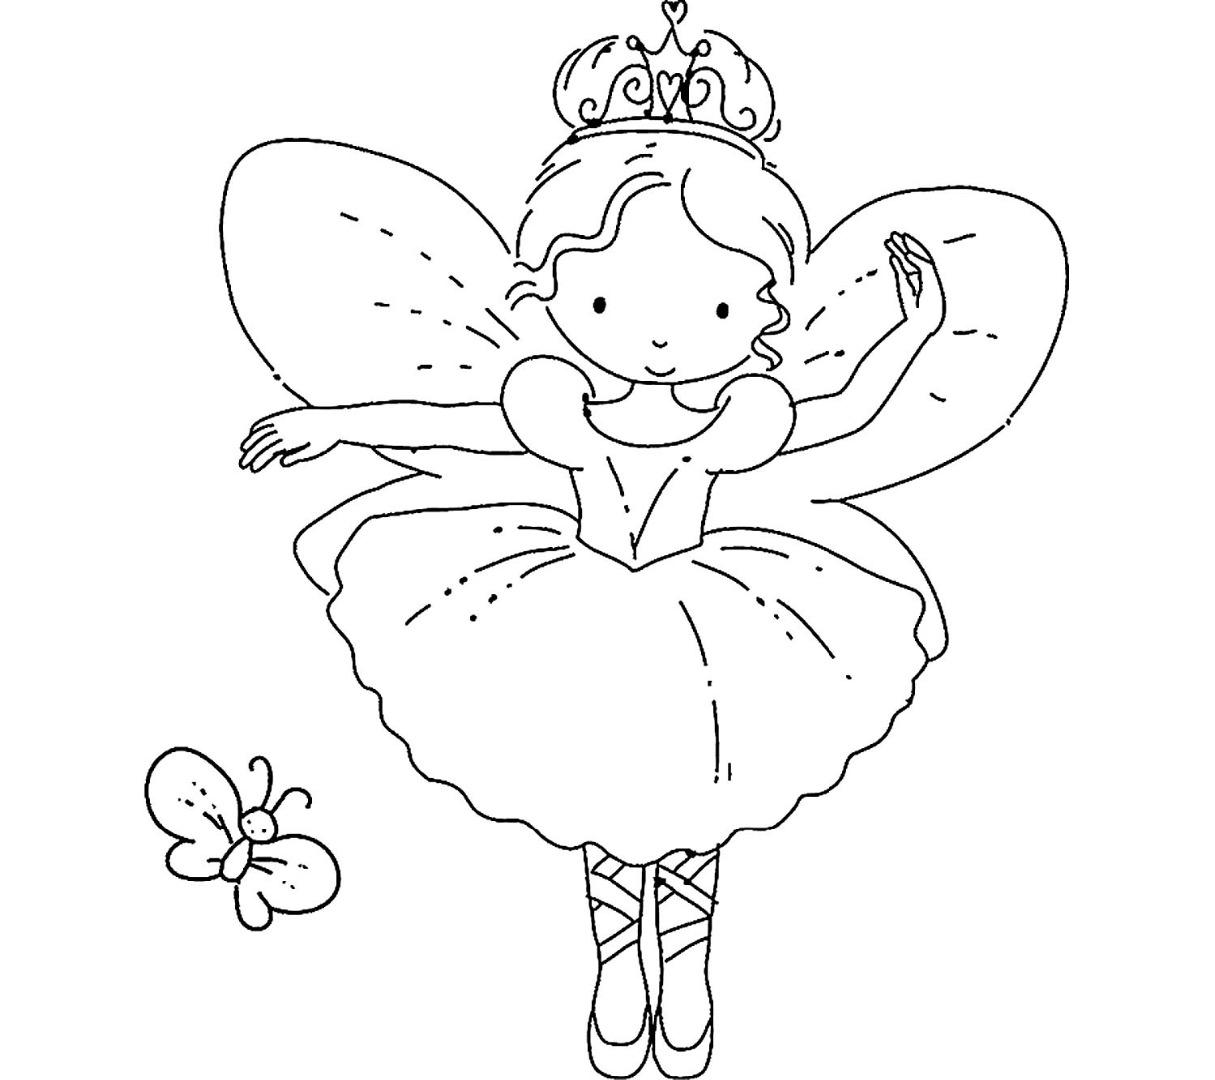 Картинки раскраски с феями для детей